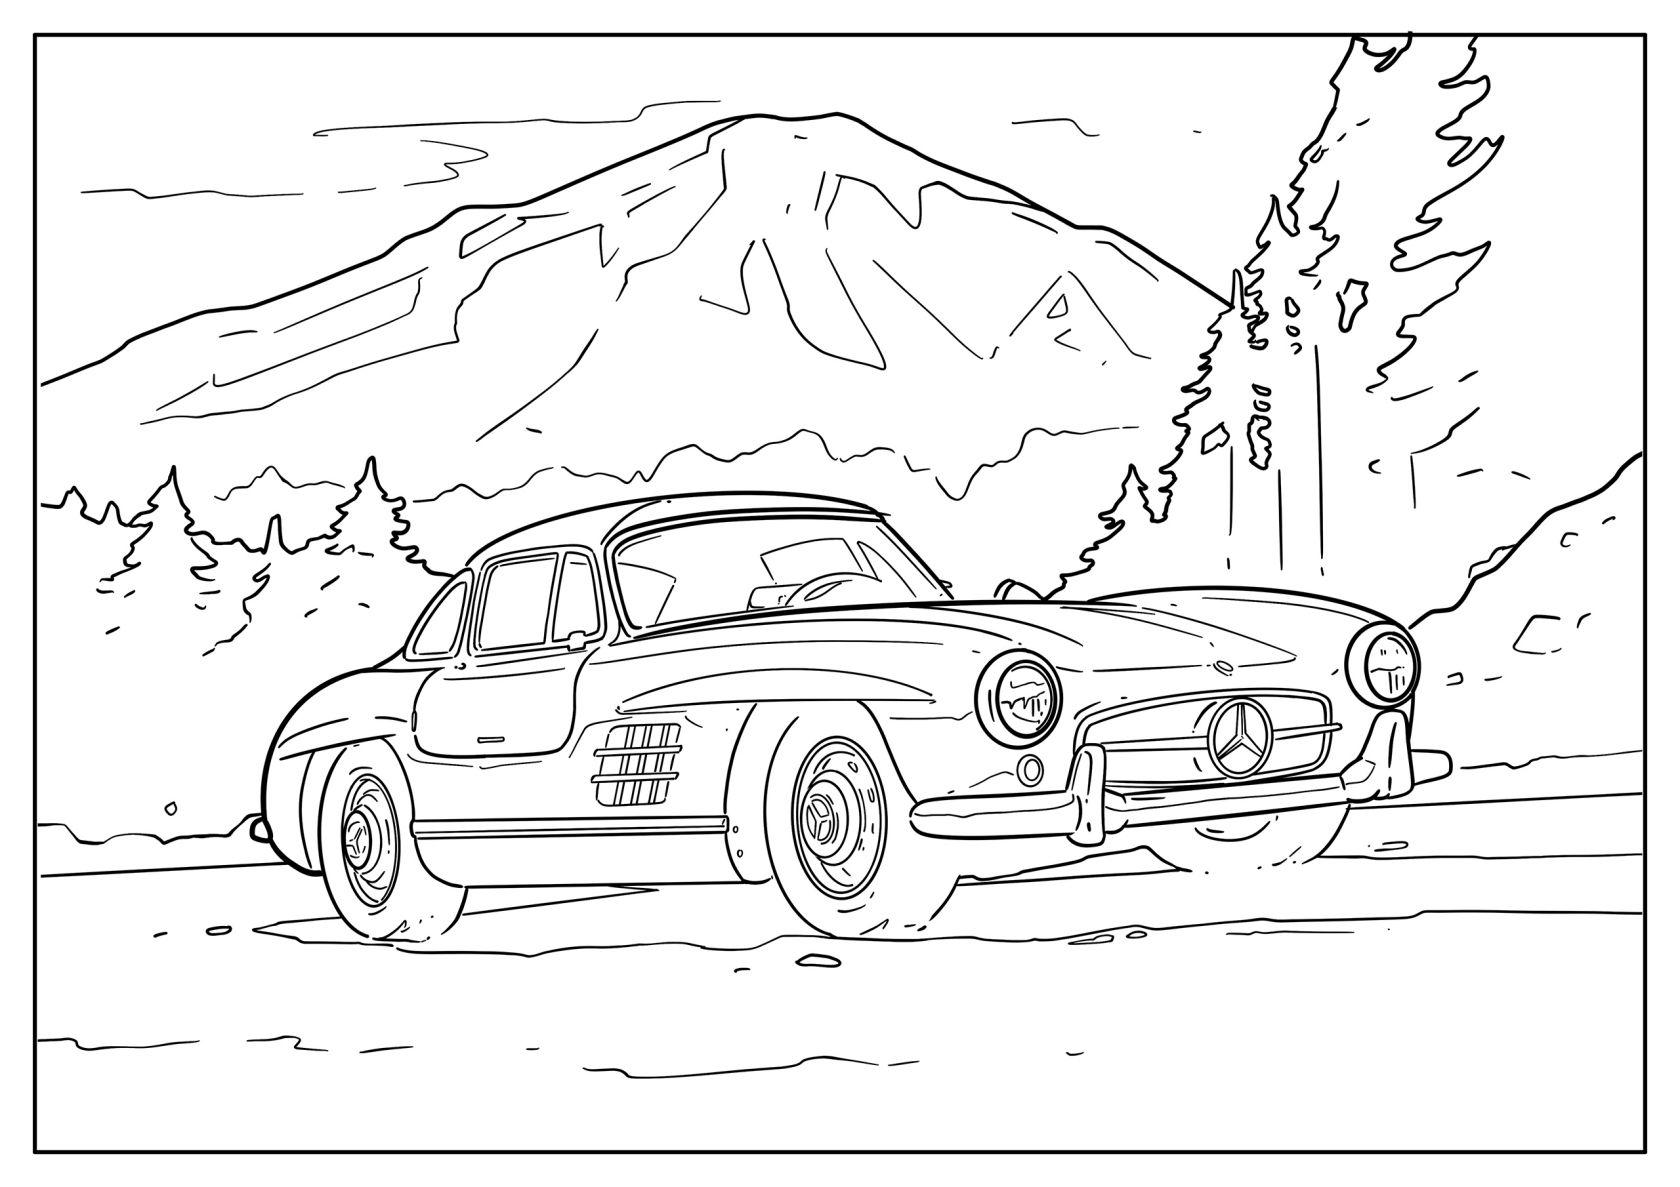 » Gegen die Langeweile Mercedes Benz Malvorlagen für Kids ...